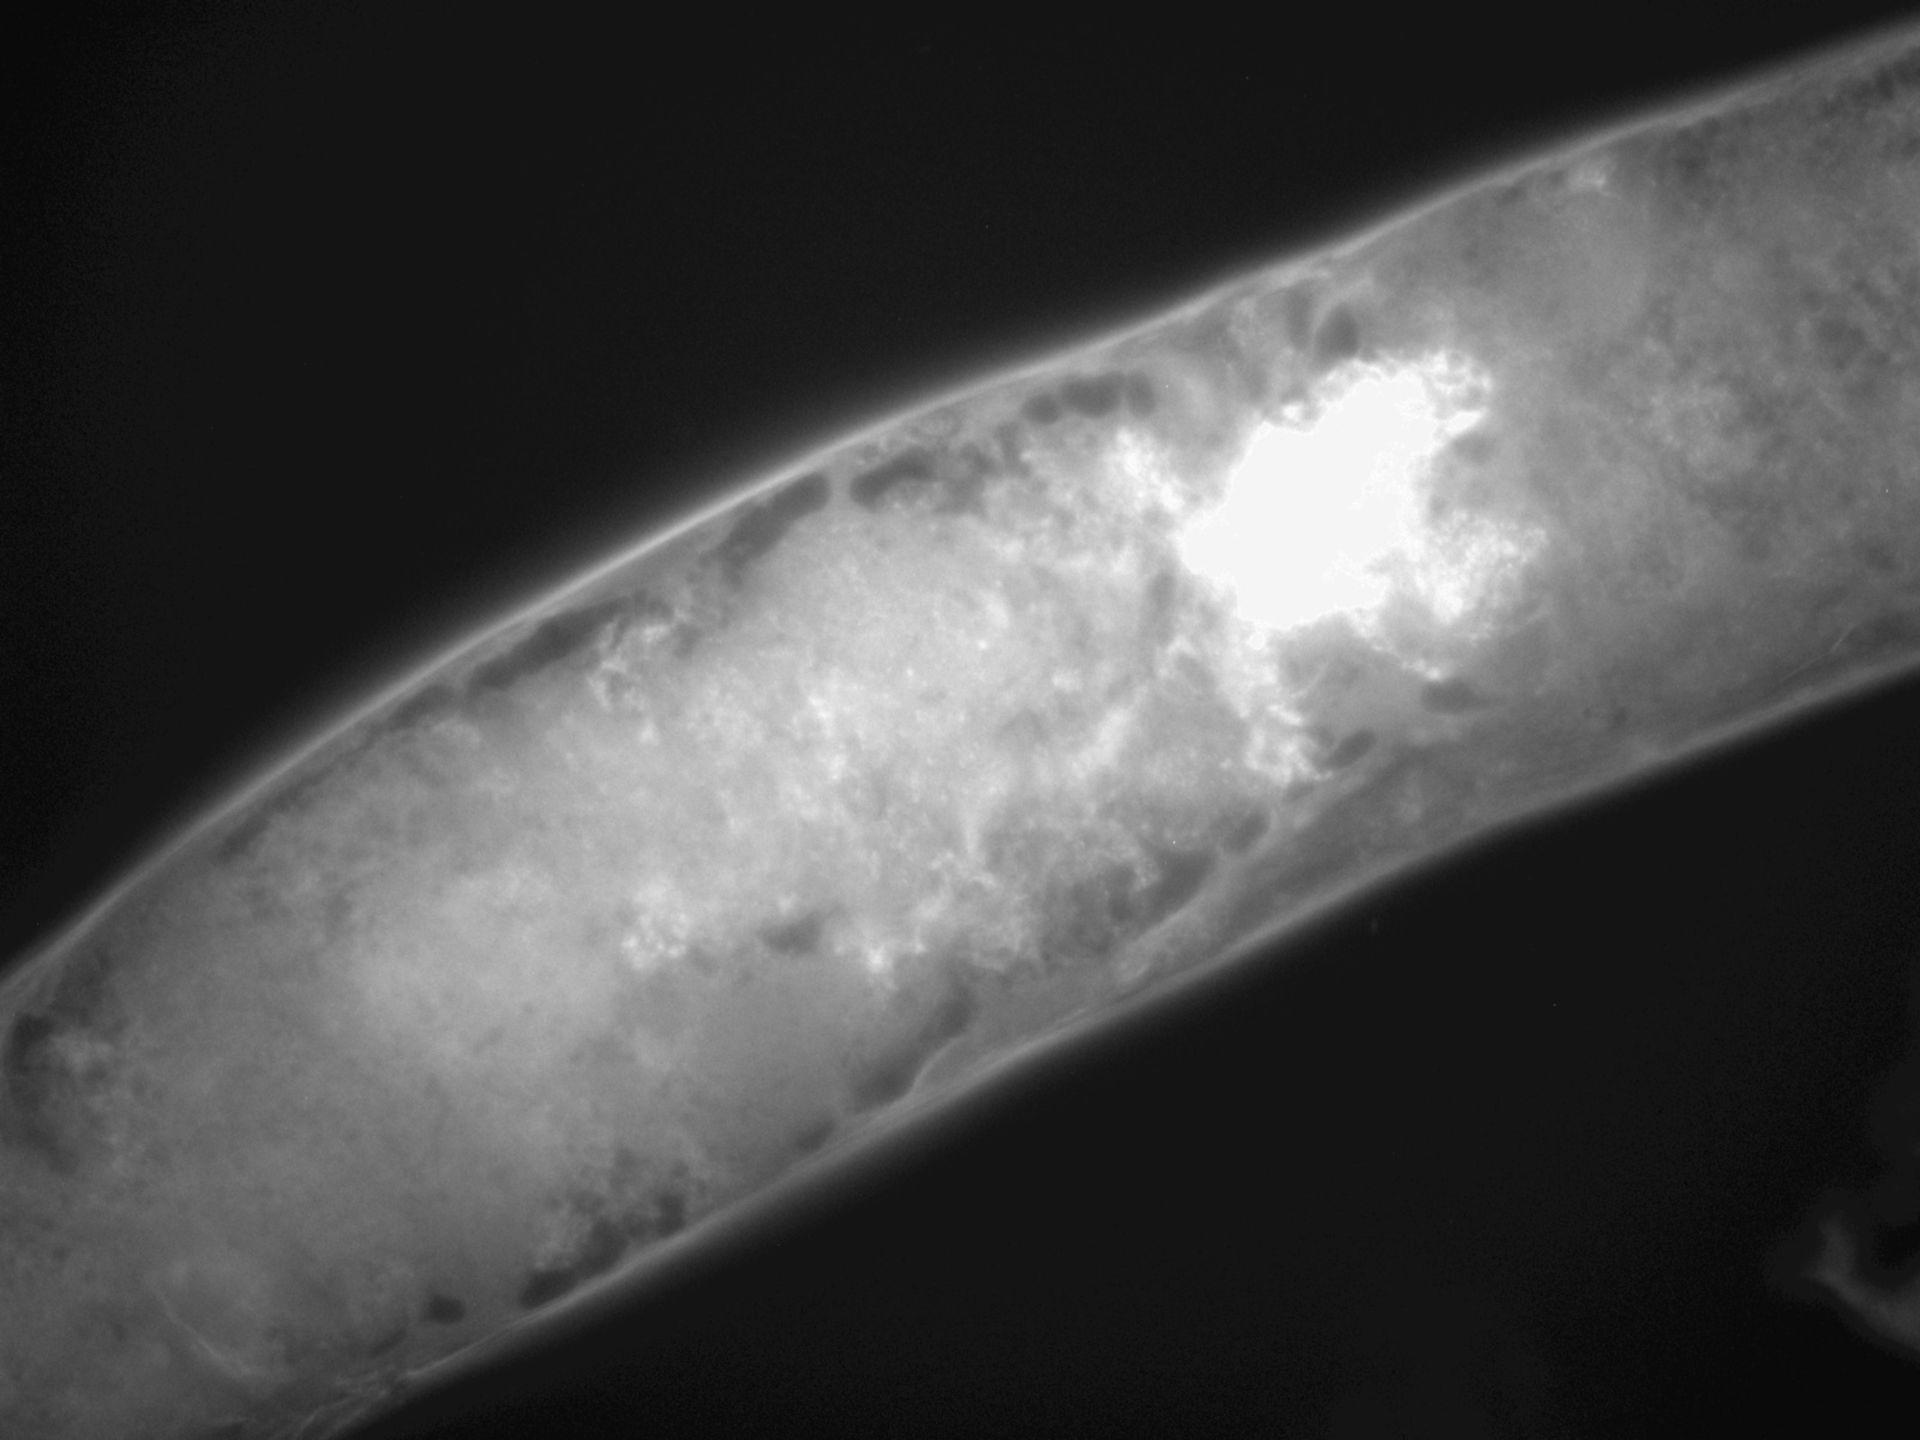 Caenorhabditis elegans (Actin filament) - CIL:1272